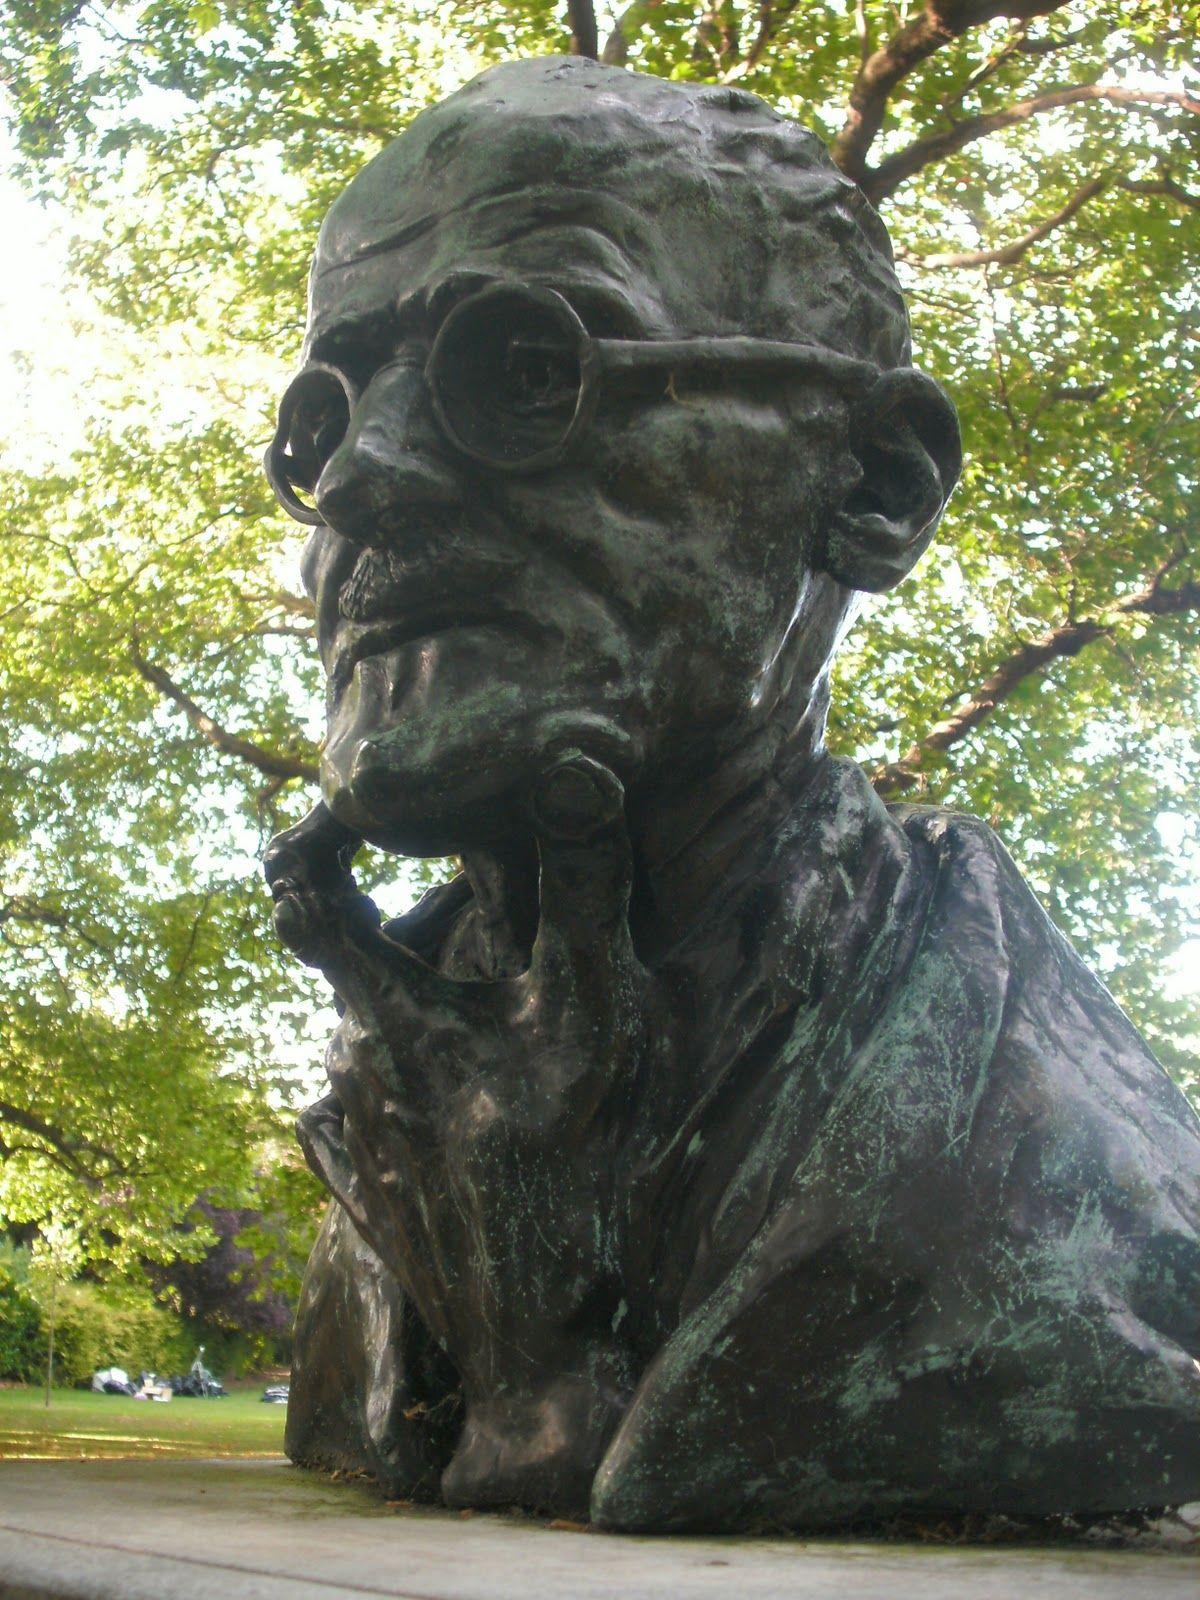 Sculpture of James Joyce........St. Stephen's Green, Dublin, Ireland